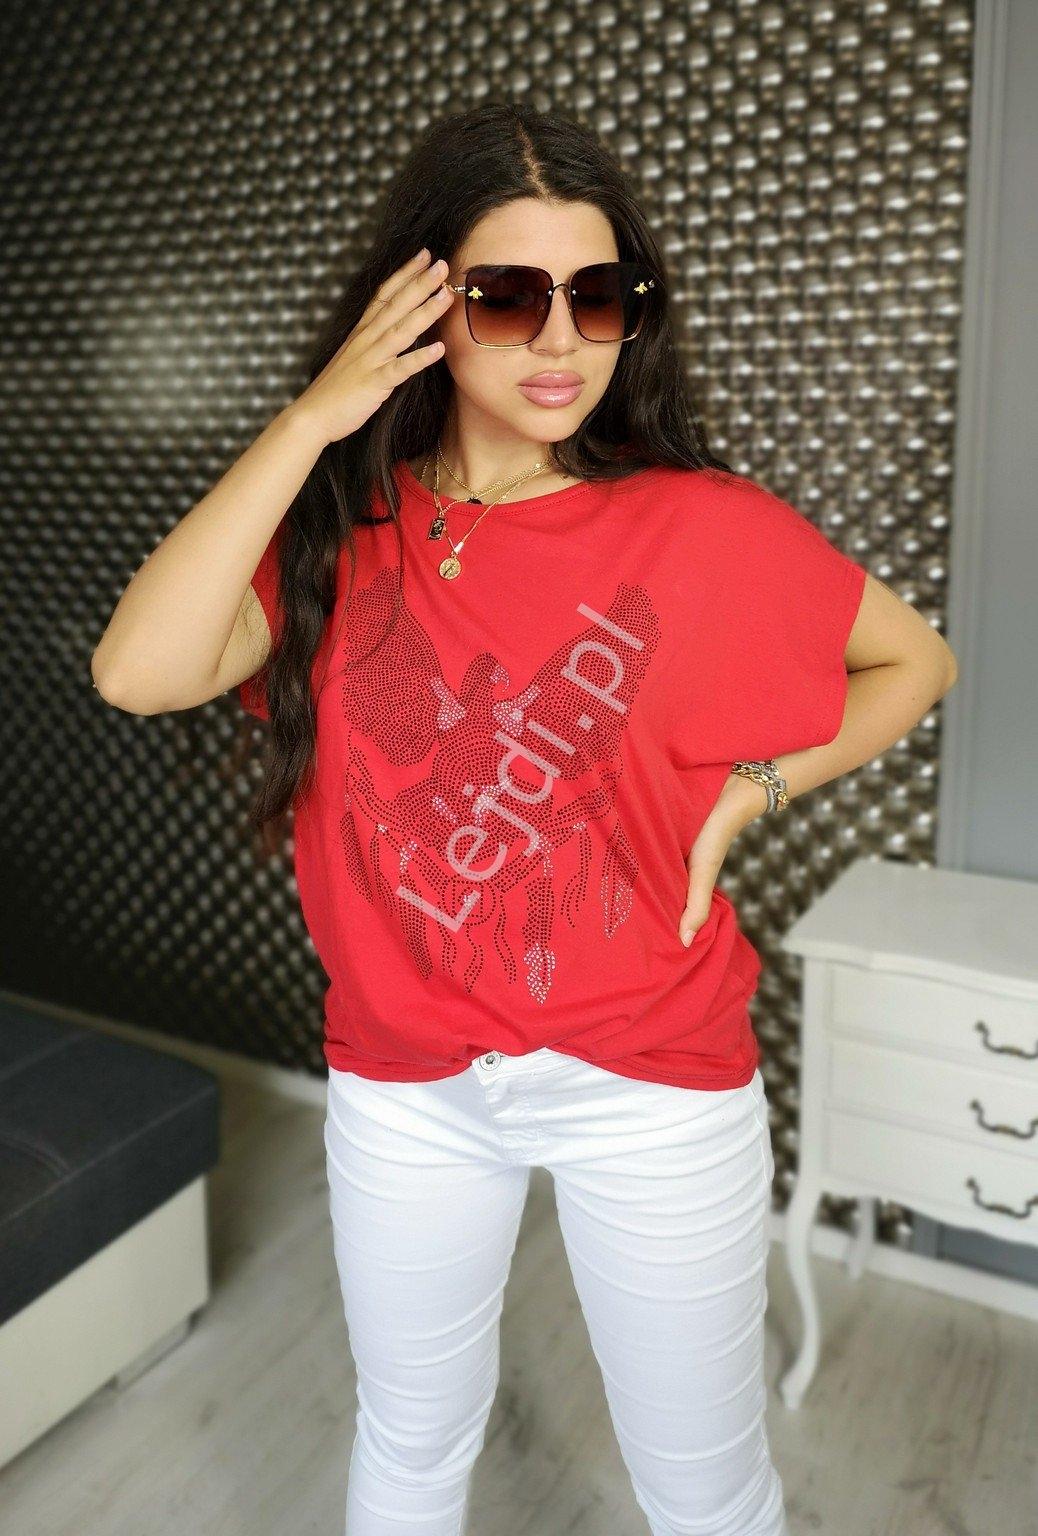 Image of Bawełniana koszulka plus size, w czerwonym kolorze z orłem brokatowym